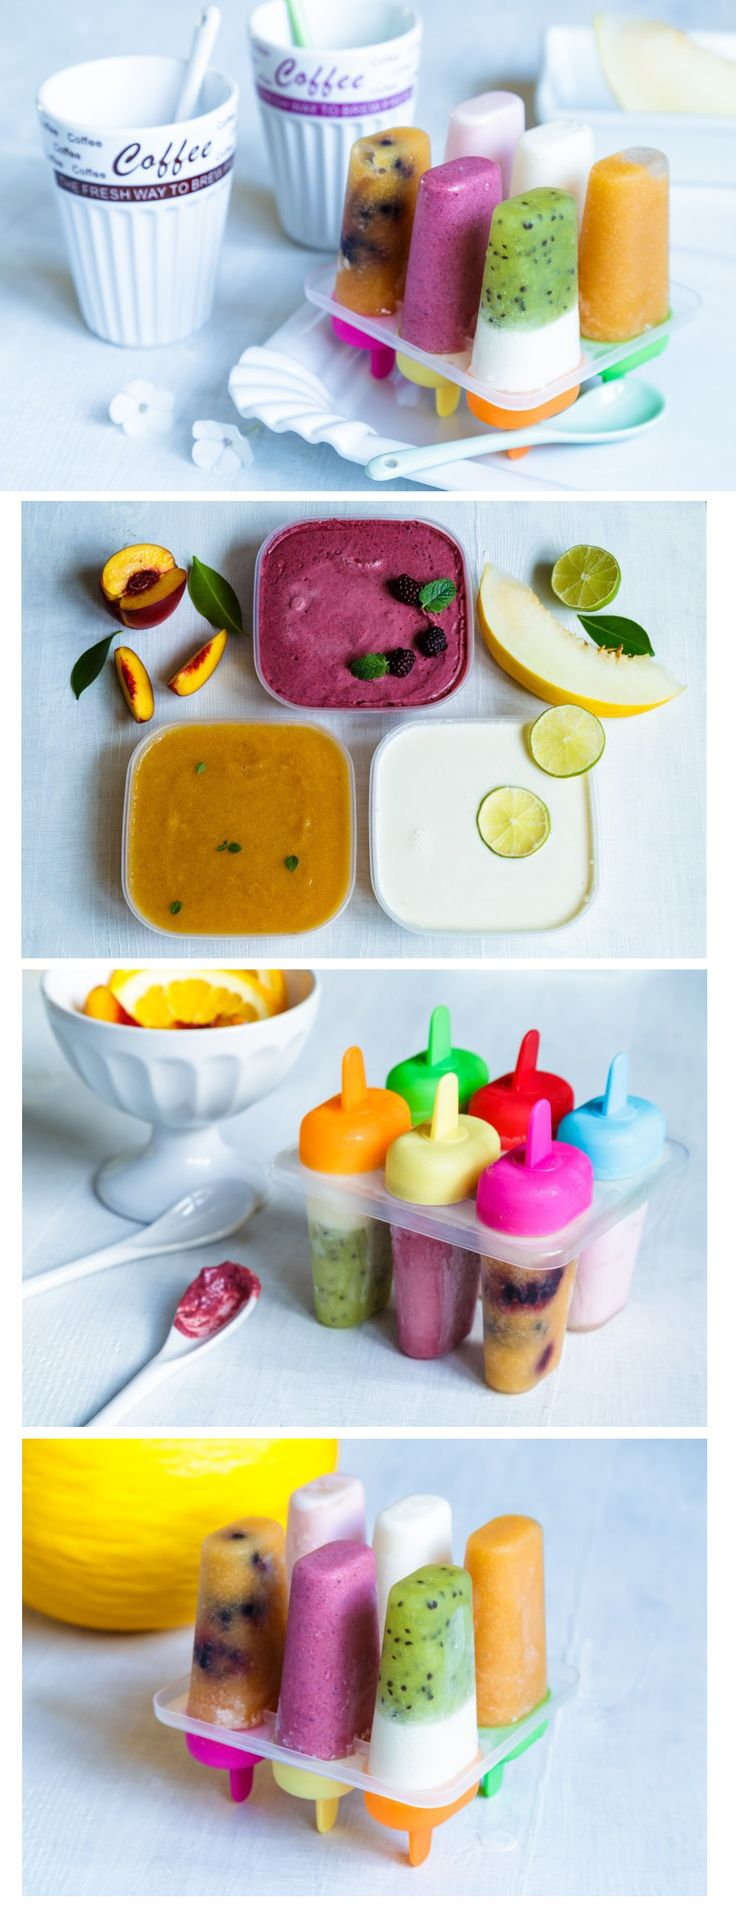 Téměř všechny děti milují zmrzlinu. Abyste jim dali zdravější verzi, vyzkoušejte domácí výrobu. Máme pro vás recept na  ovocnou broskvovou, smetanovou ostružinovou a jogurtovou s melounem. Na našem e-shopu pak najdete různá tvořítka.